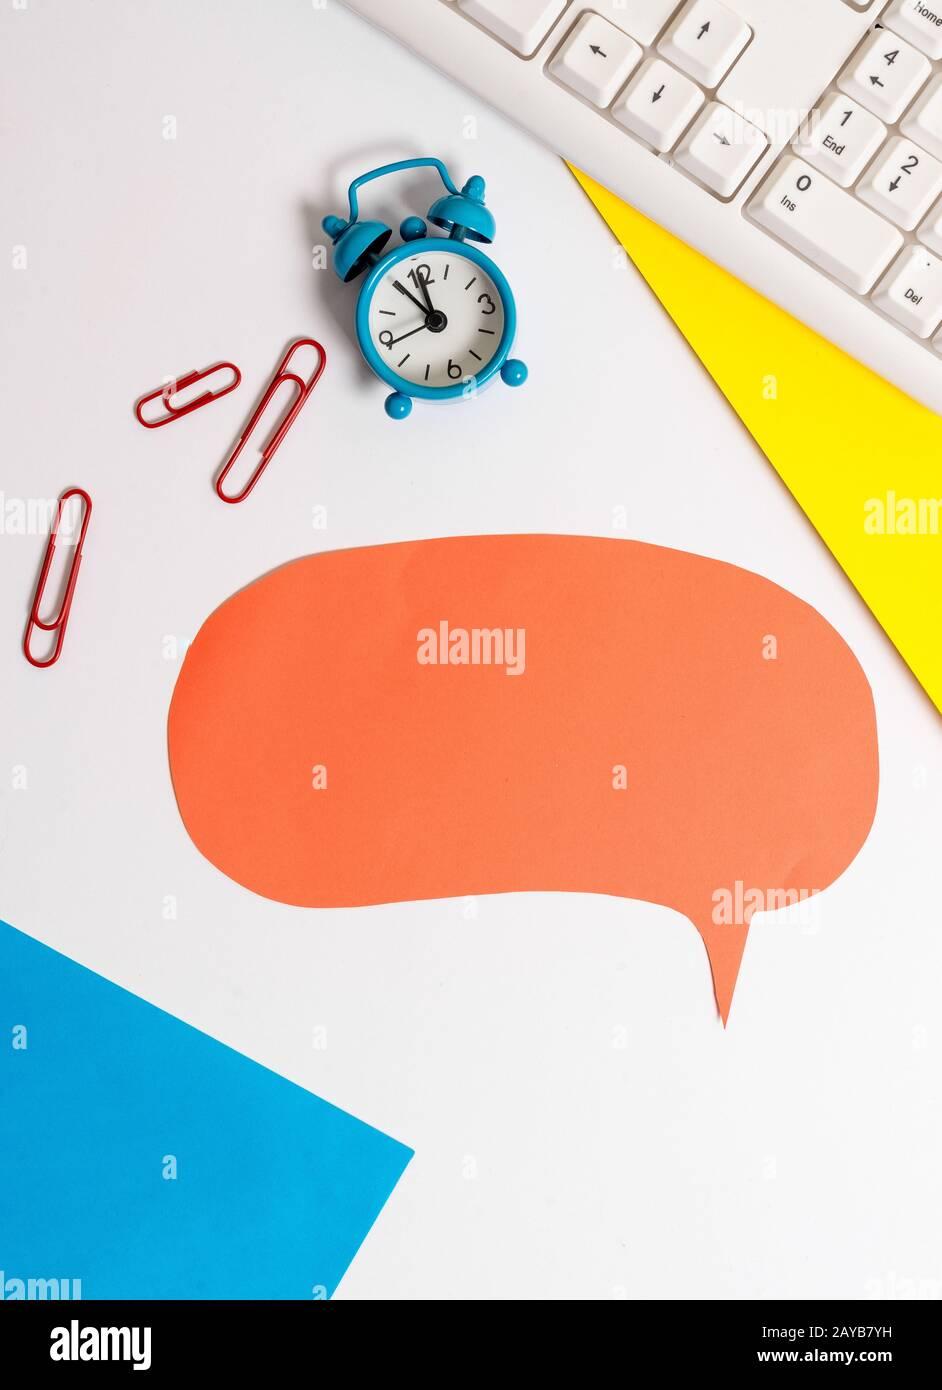 Tavolo con spazio per la copia sulla carta a bolle d'aria con orologio e graffette. Concetto aziendale con carta vuota per messaggi di testo. Foto Stock